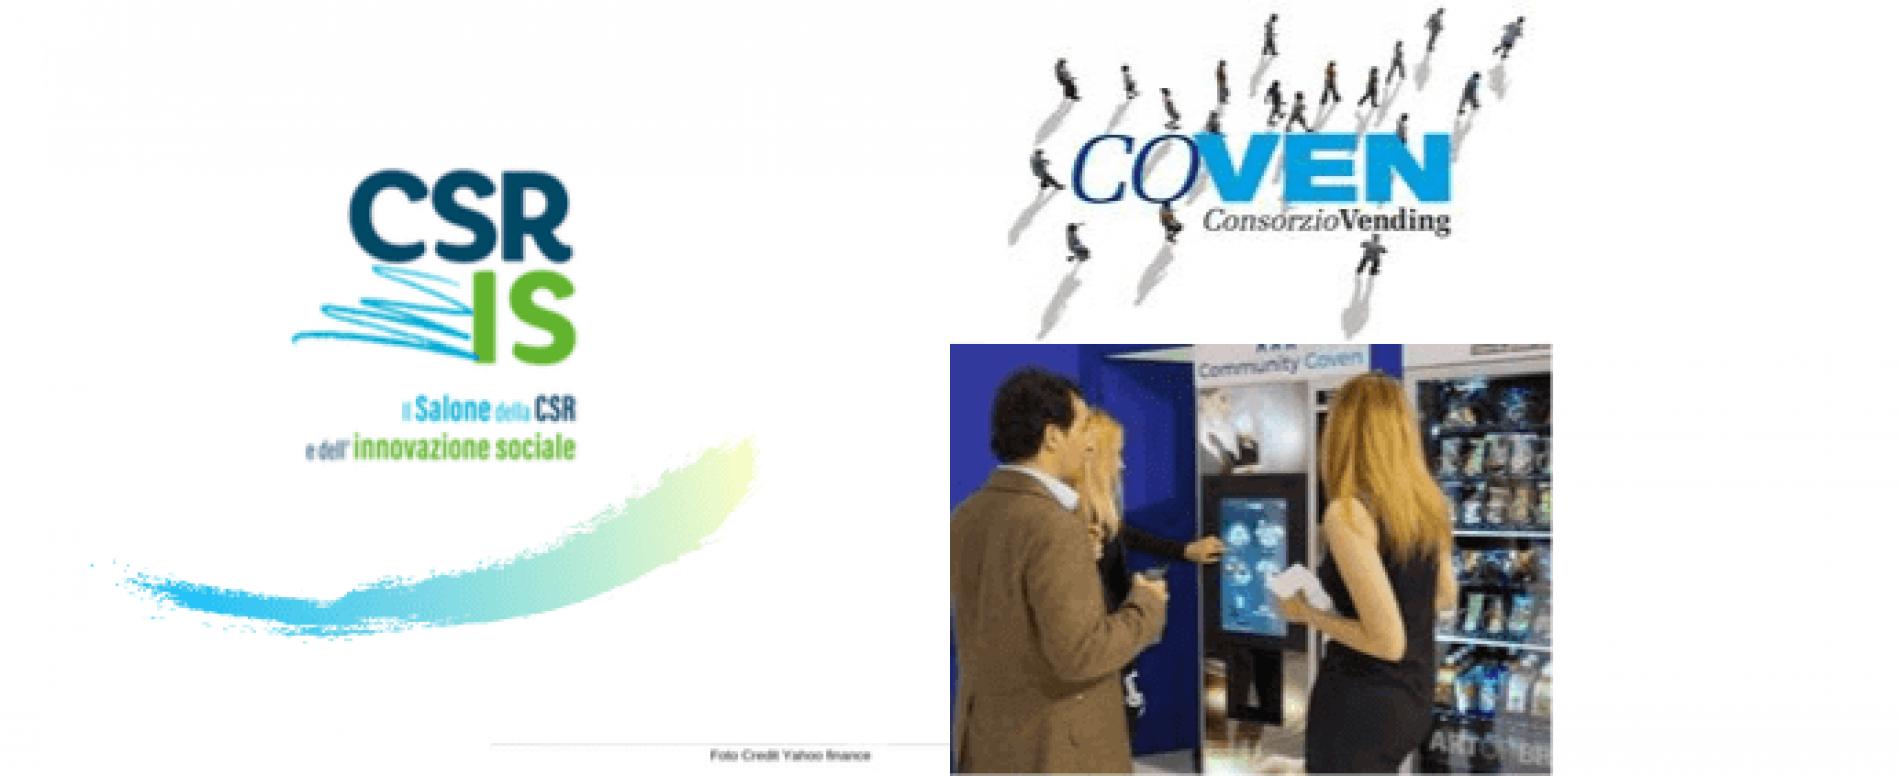 Mario Toniutti – Gruppo Illiria e Consorzio COVEN – al Salone del CSR